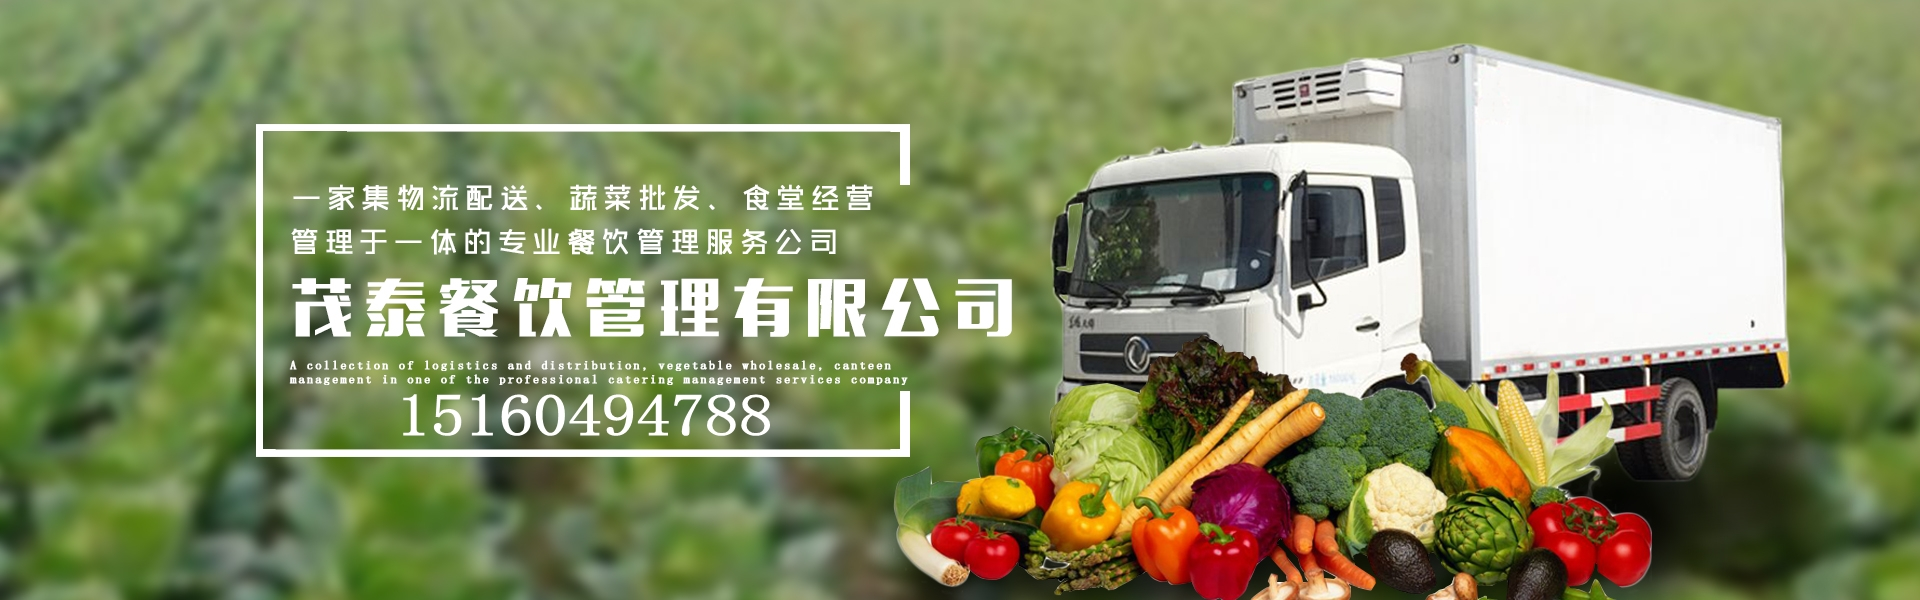 莆田蔬菜配送